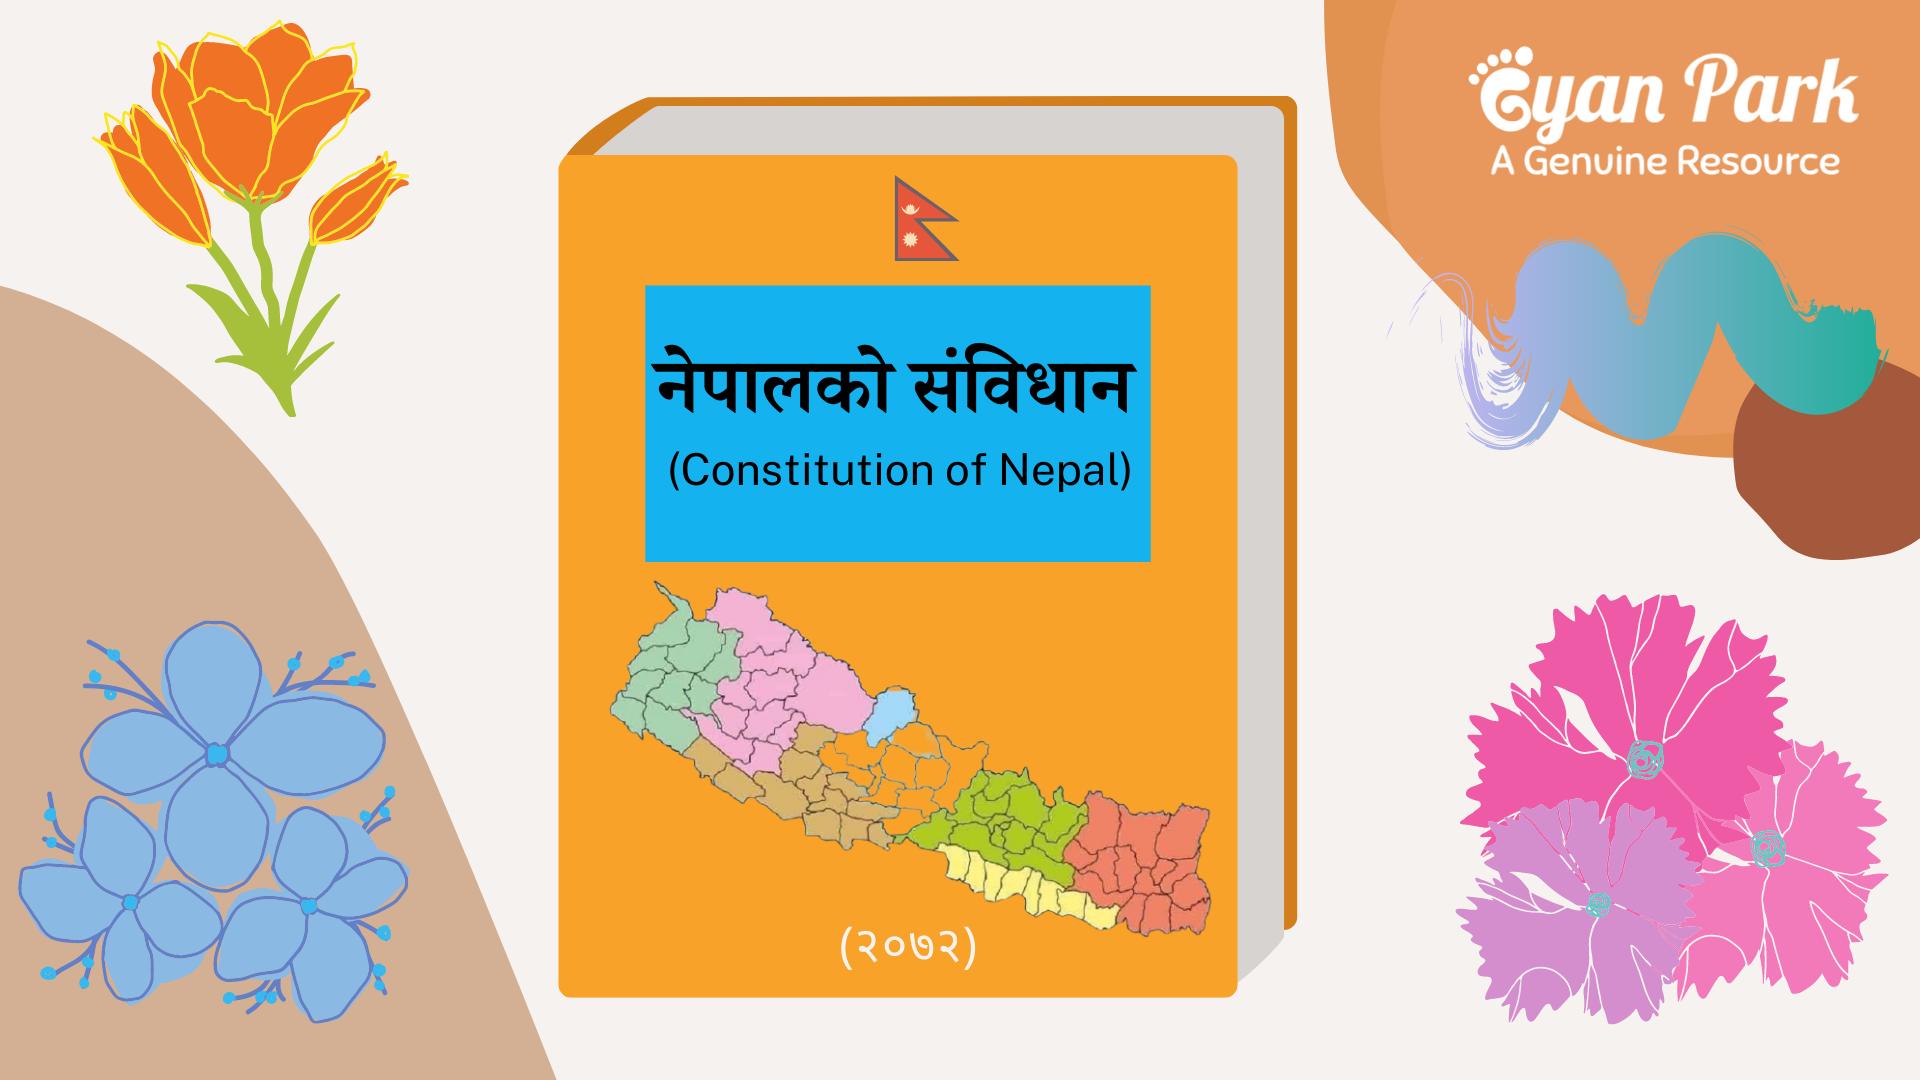 The Constitution of Nepal 2072, नेपालको संविधान २०७२, नयाँ नेपालको संविधान, The Constitution of New Nepal, Federal Nepal Constitution, Nepal ko Sambidhan 2072